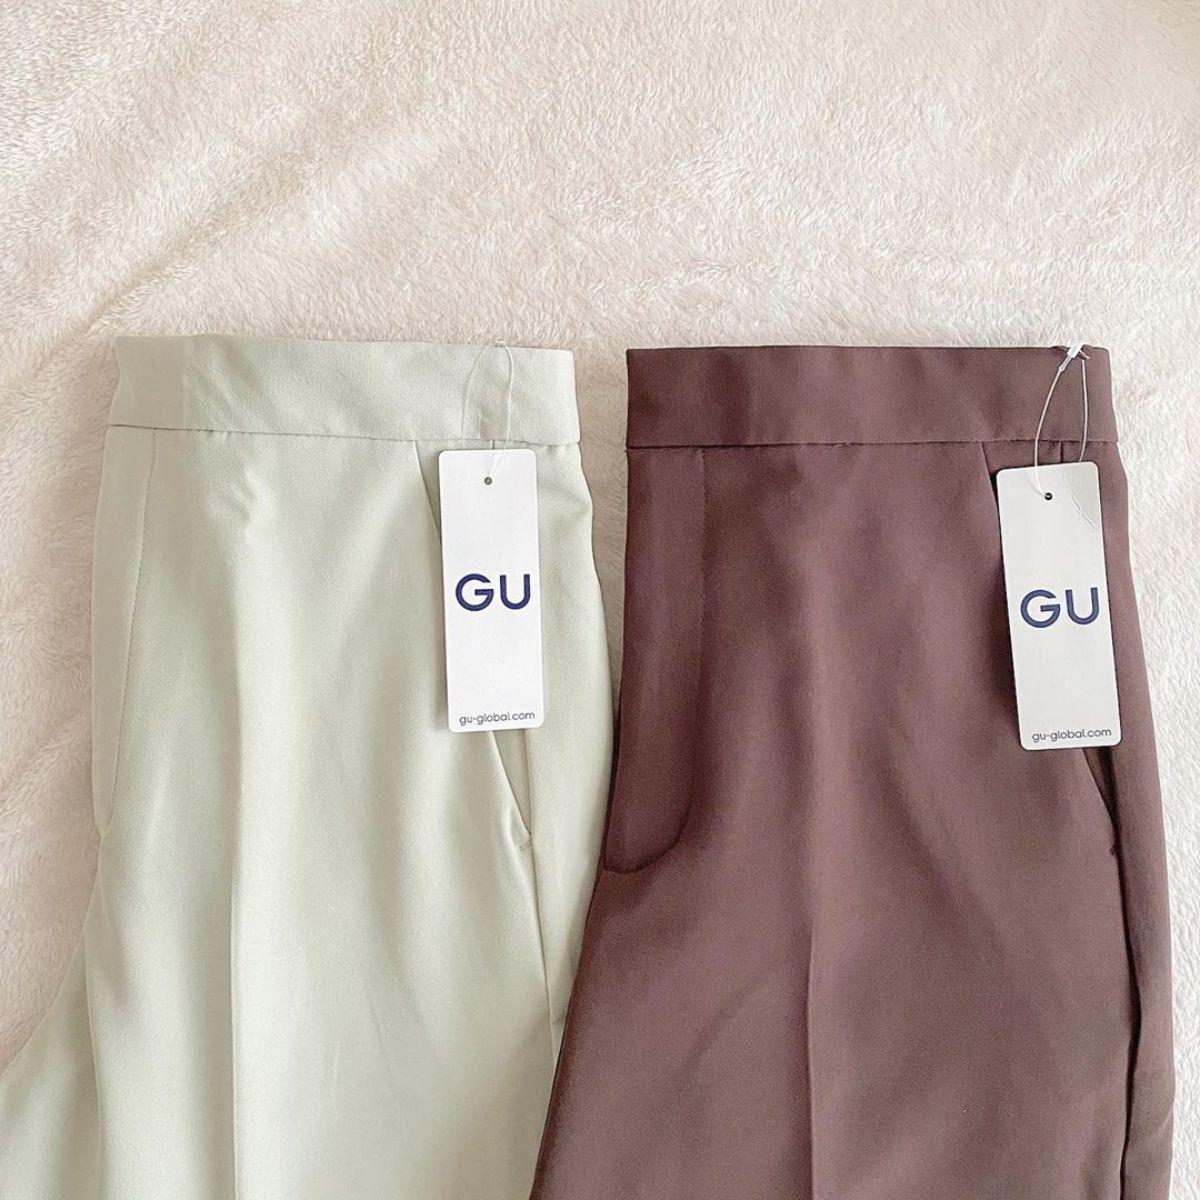 この春トレンドの「カラーパンツ」はGUでゲットしよう!シルエットとカラー別に4種を比較しました◎